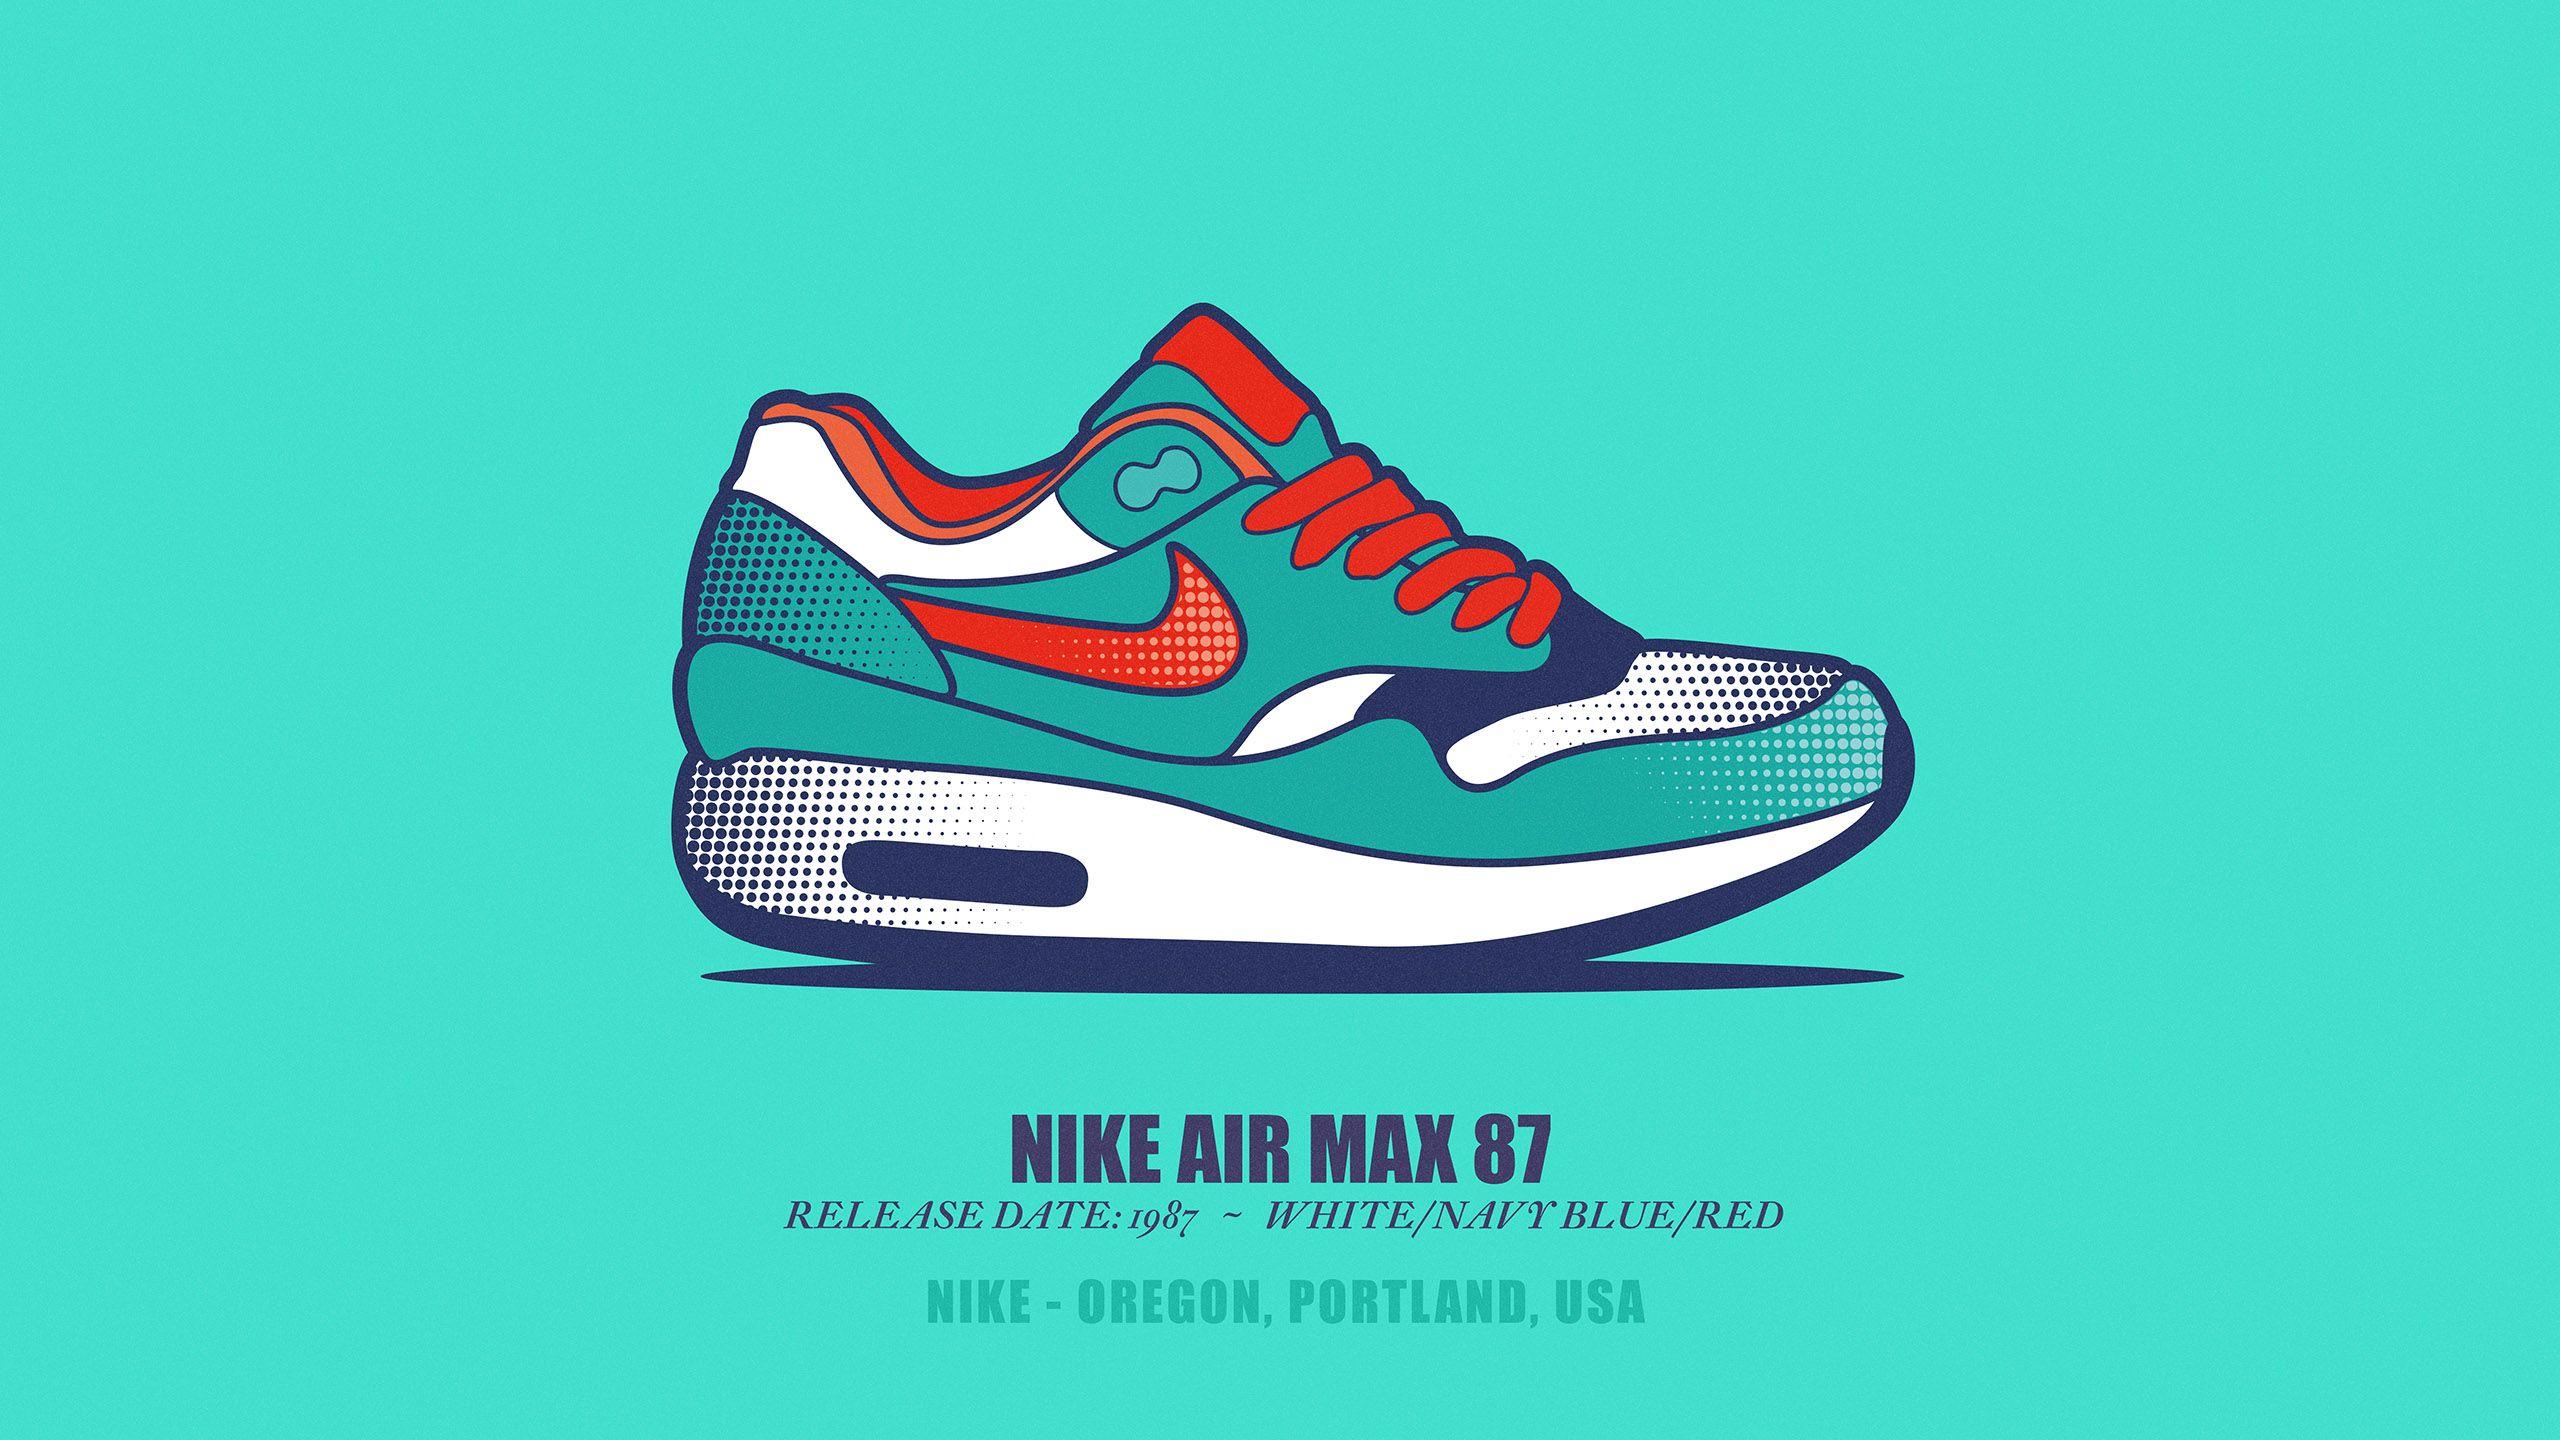 Logo nike wallpaper wallpapersafari - Nike Air Max Wallpaper Wallpapersafari